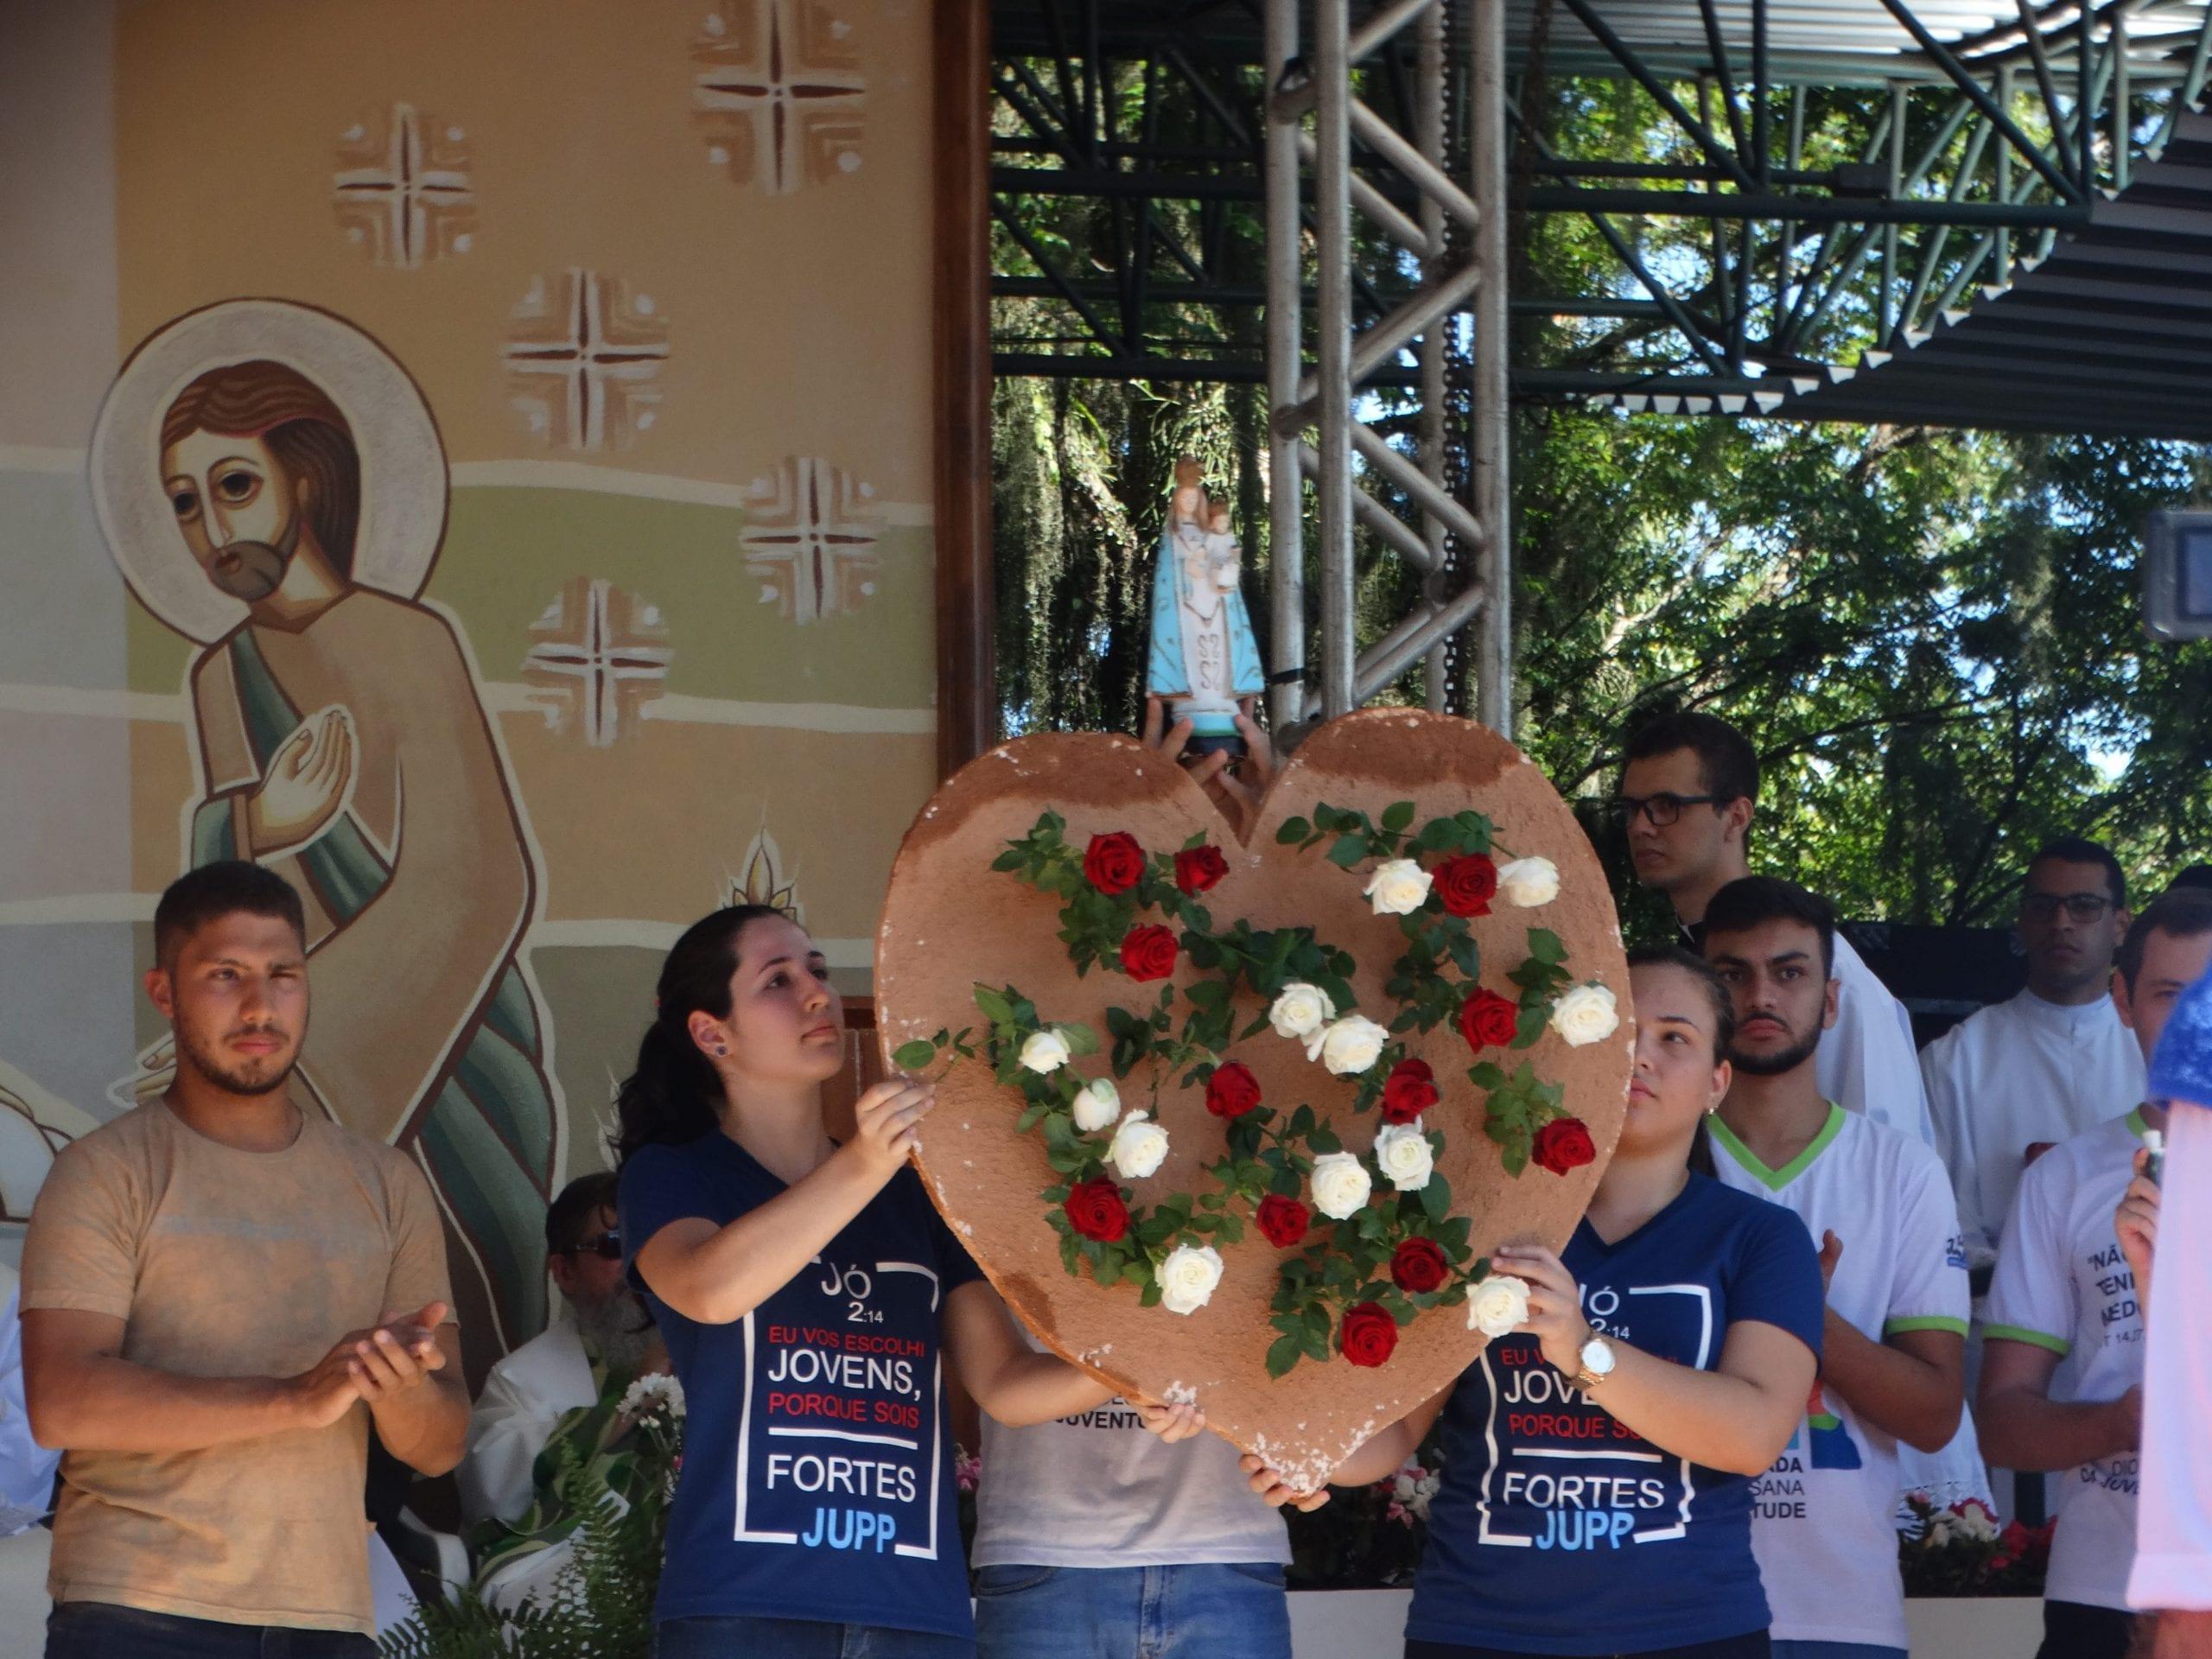 #tbt da Festa da Penha 2019: Diocese de Colatina lembra tragédia de Brumadinho